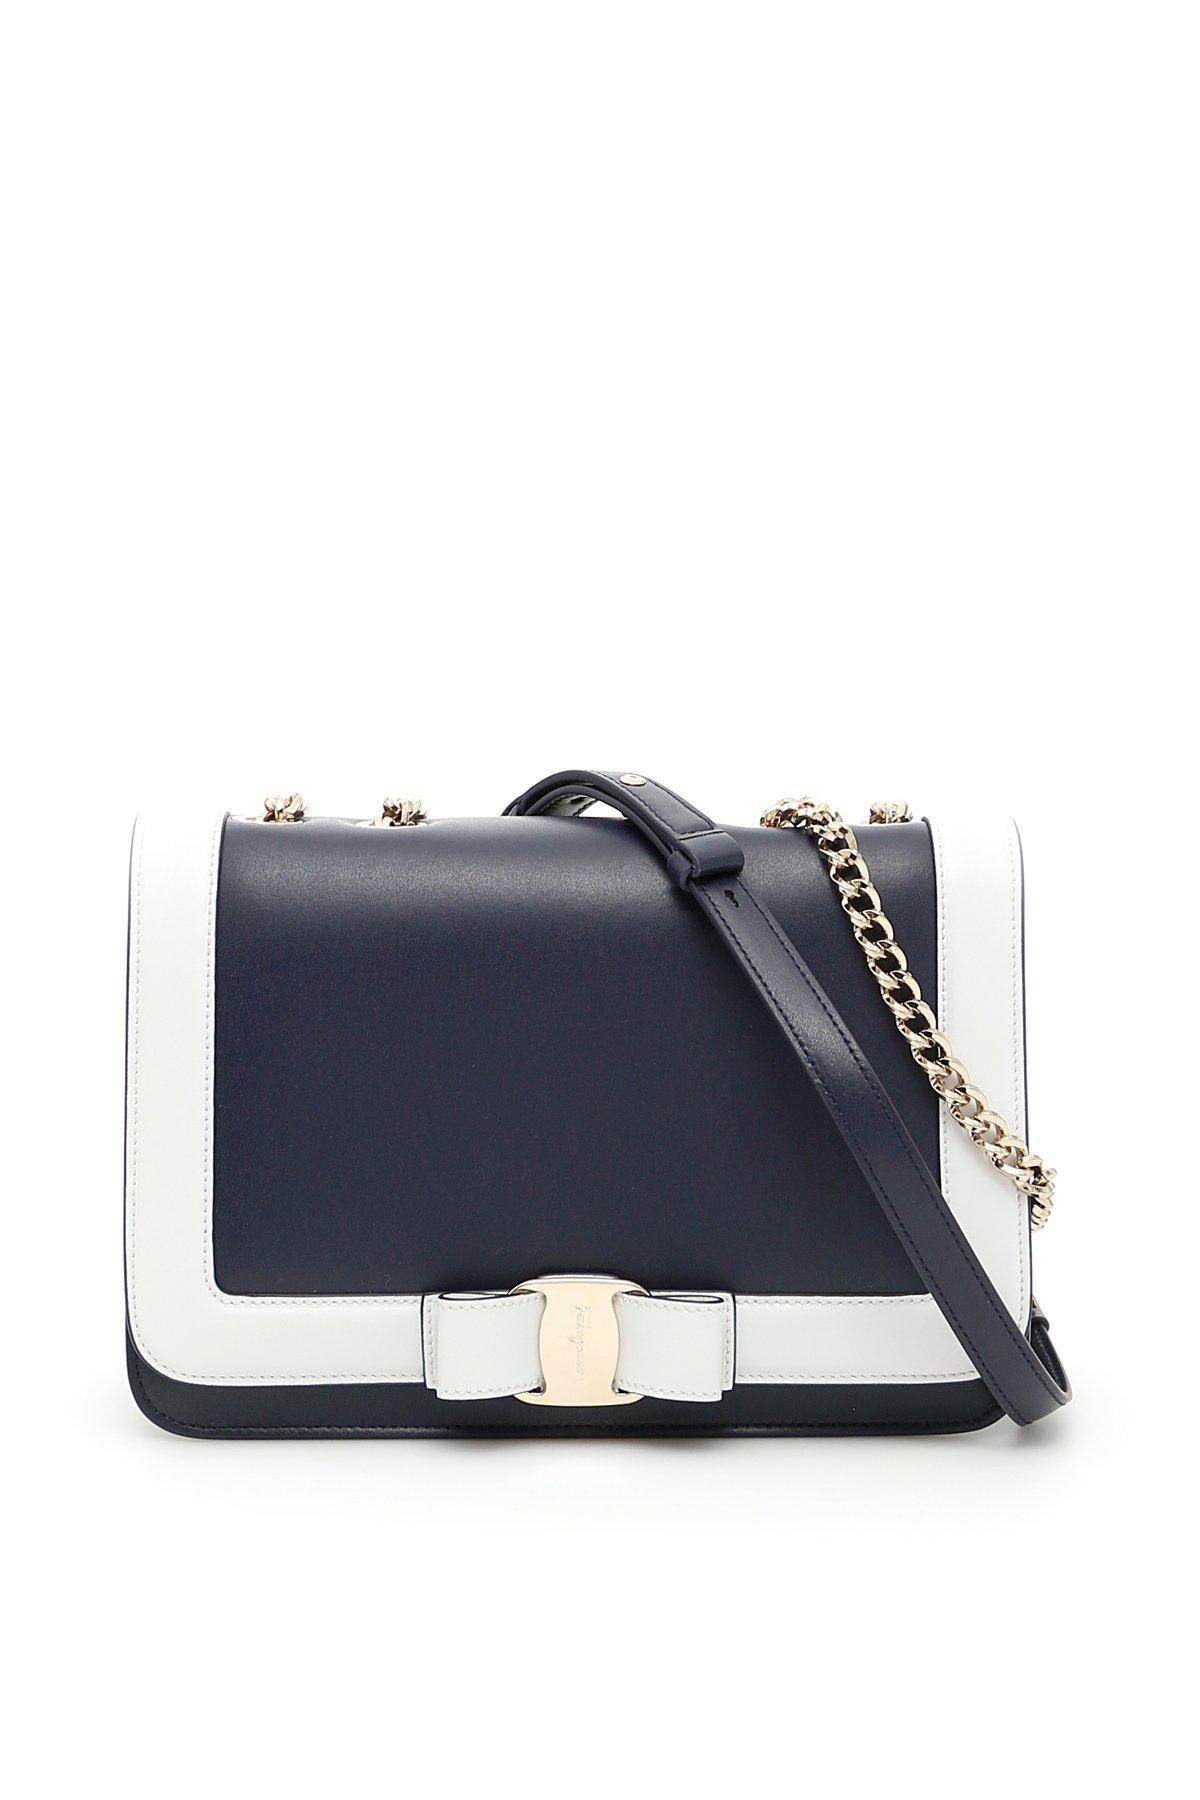 24136dc09649 Lyst - Ferragamo  vara  Shoulder Bag in Blue - Save 56.18320610687023%